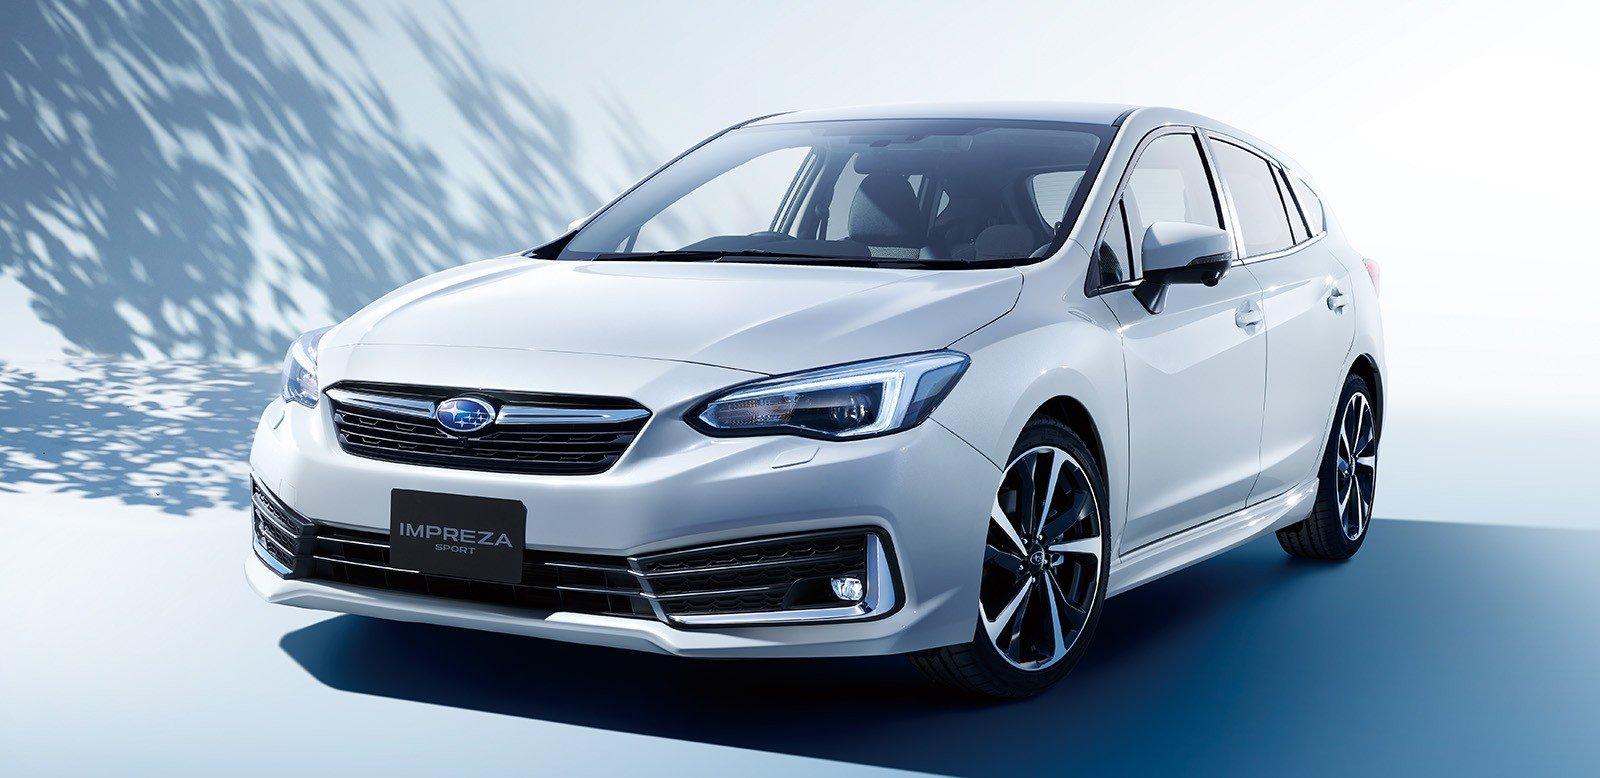 Subaru-Impreza-facelift-26